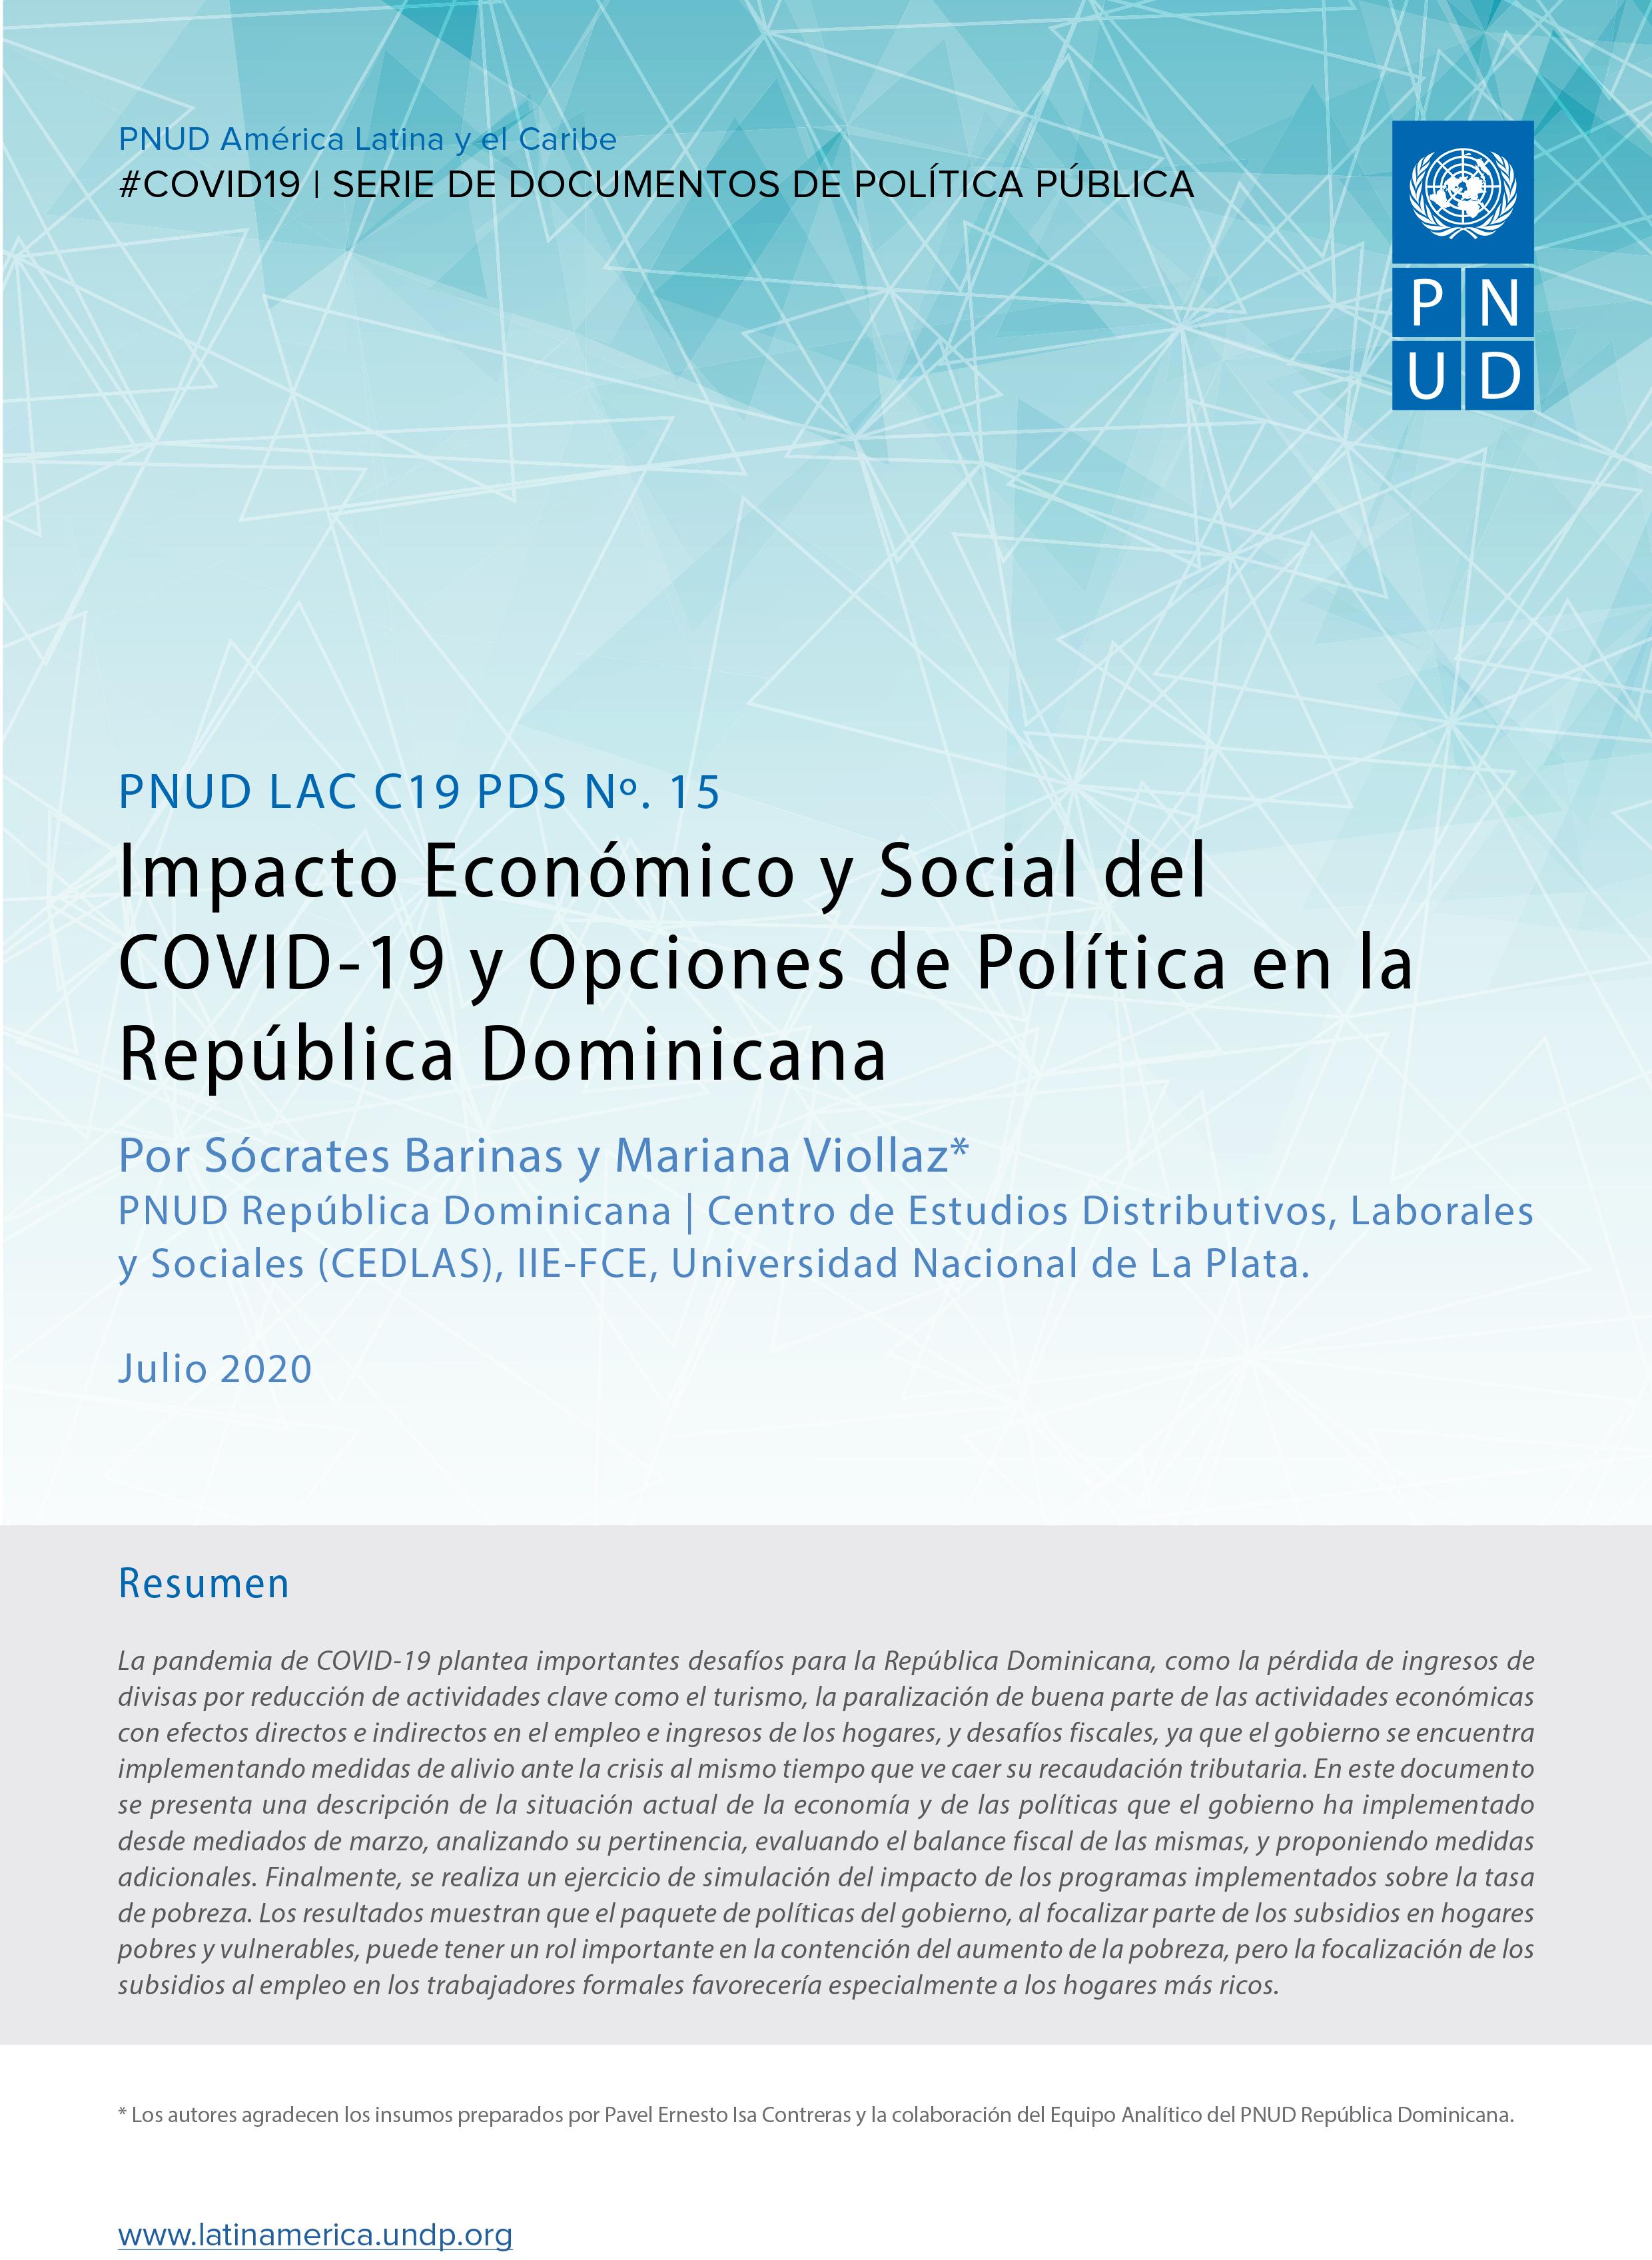 Impacto Económico y Social del COVID-19 y Opciones de Política en la República Dominicana